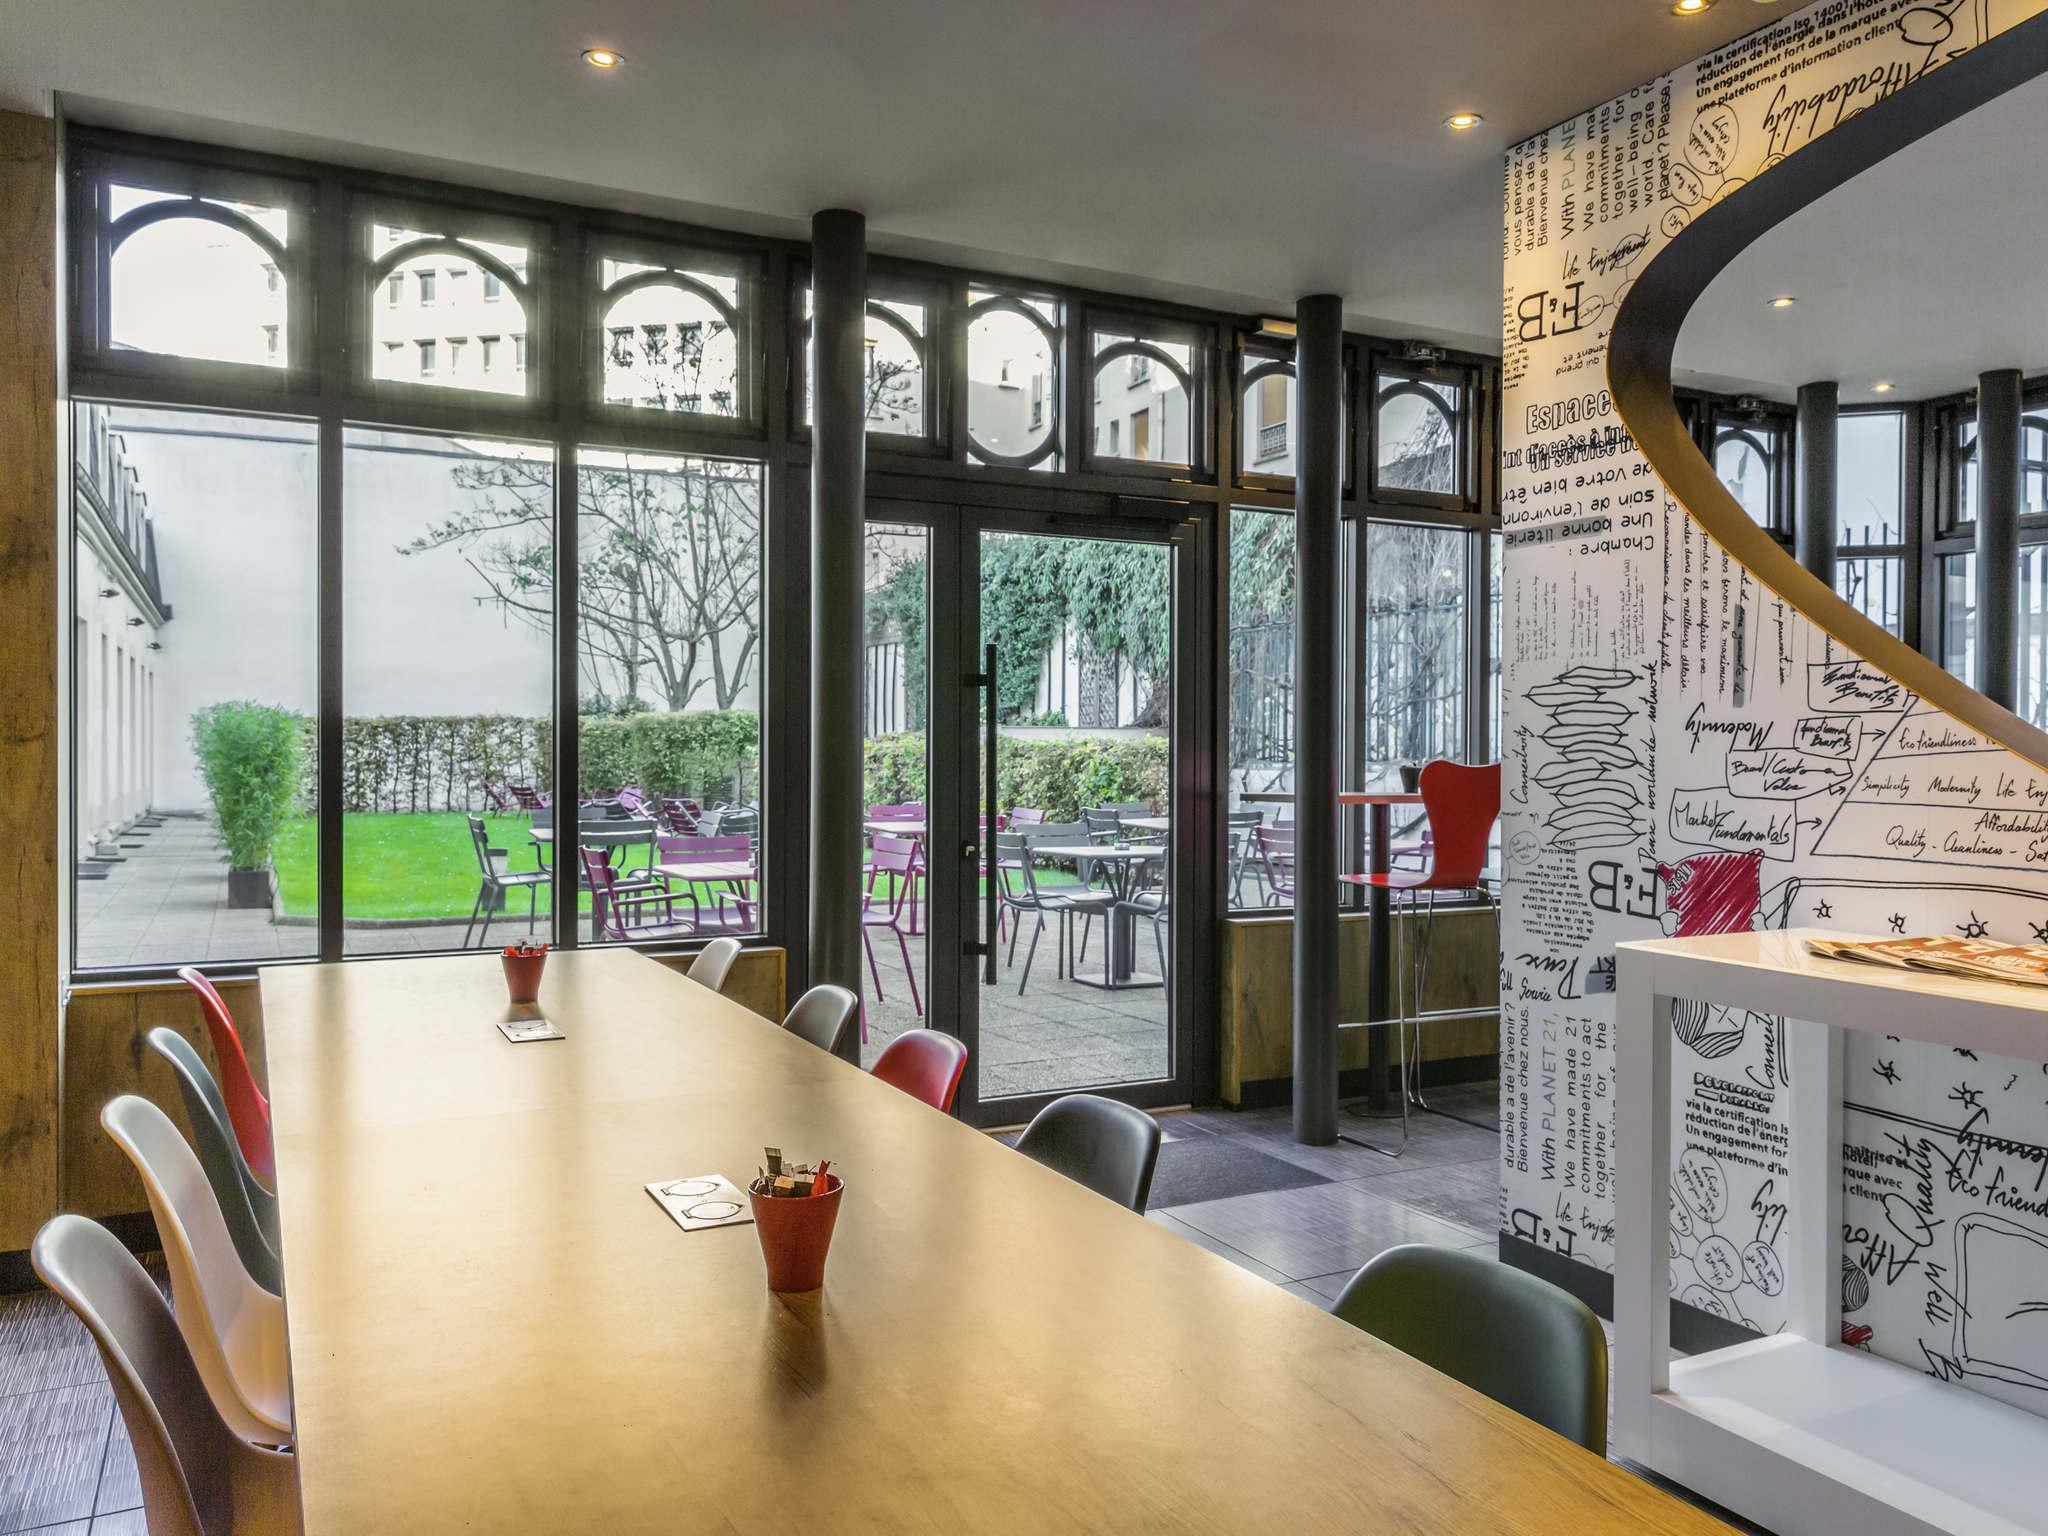 โรงแรม – ไอบิส ปารีส การ์ ลียง เลอดรู โรลแลง 12เอเม่